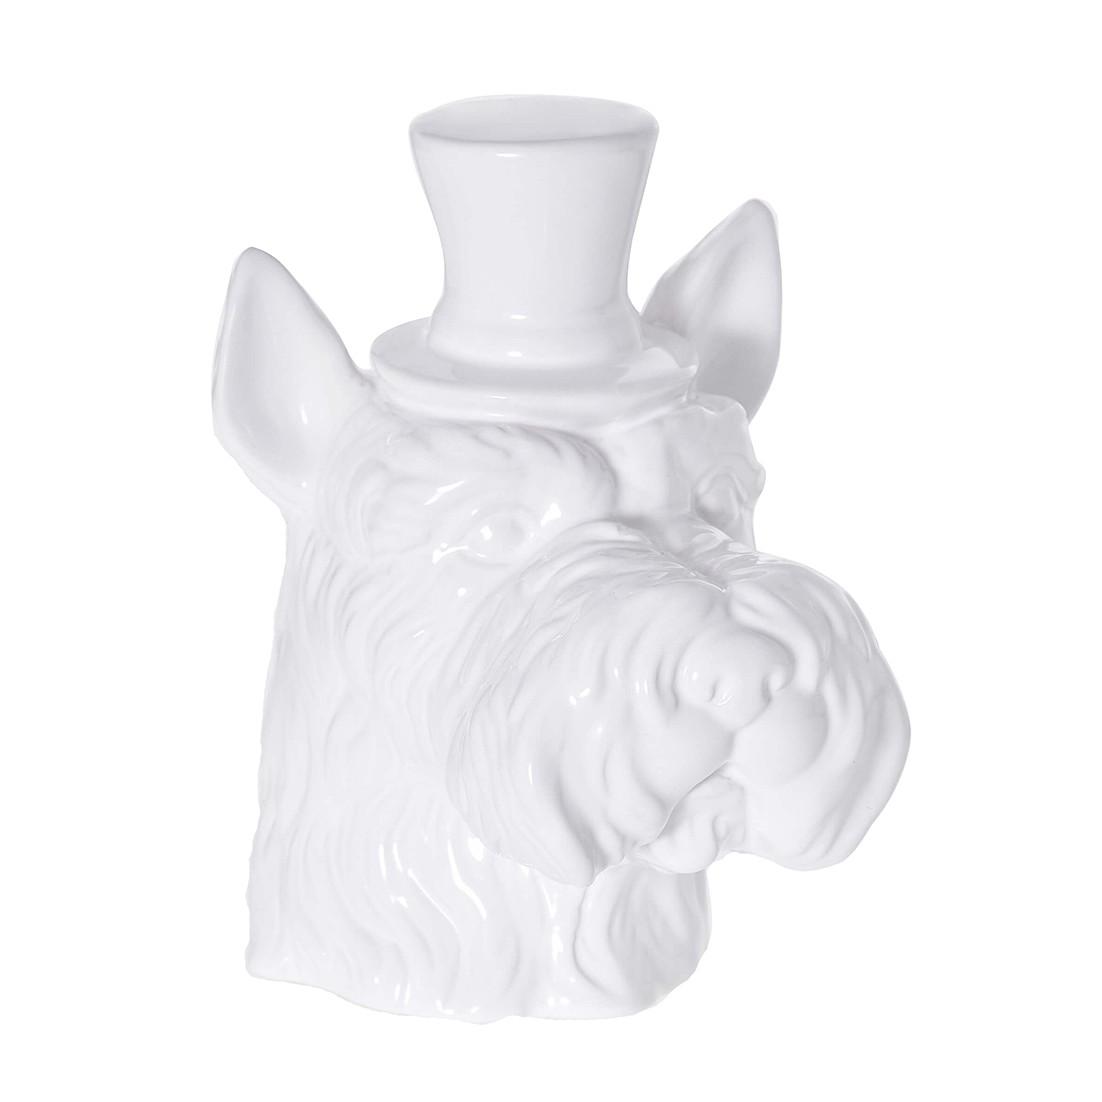 Enfeite Cachorro 18cm de Ceramica Branco 37658-008